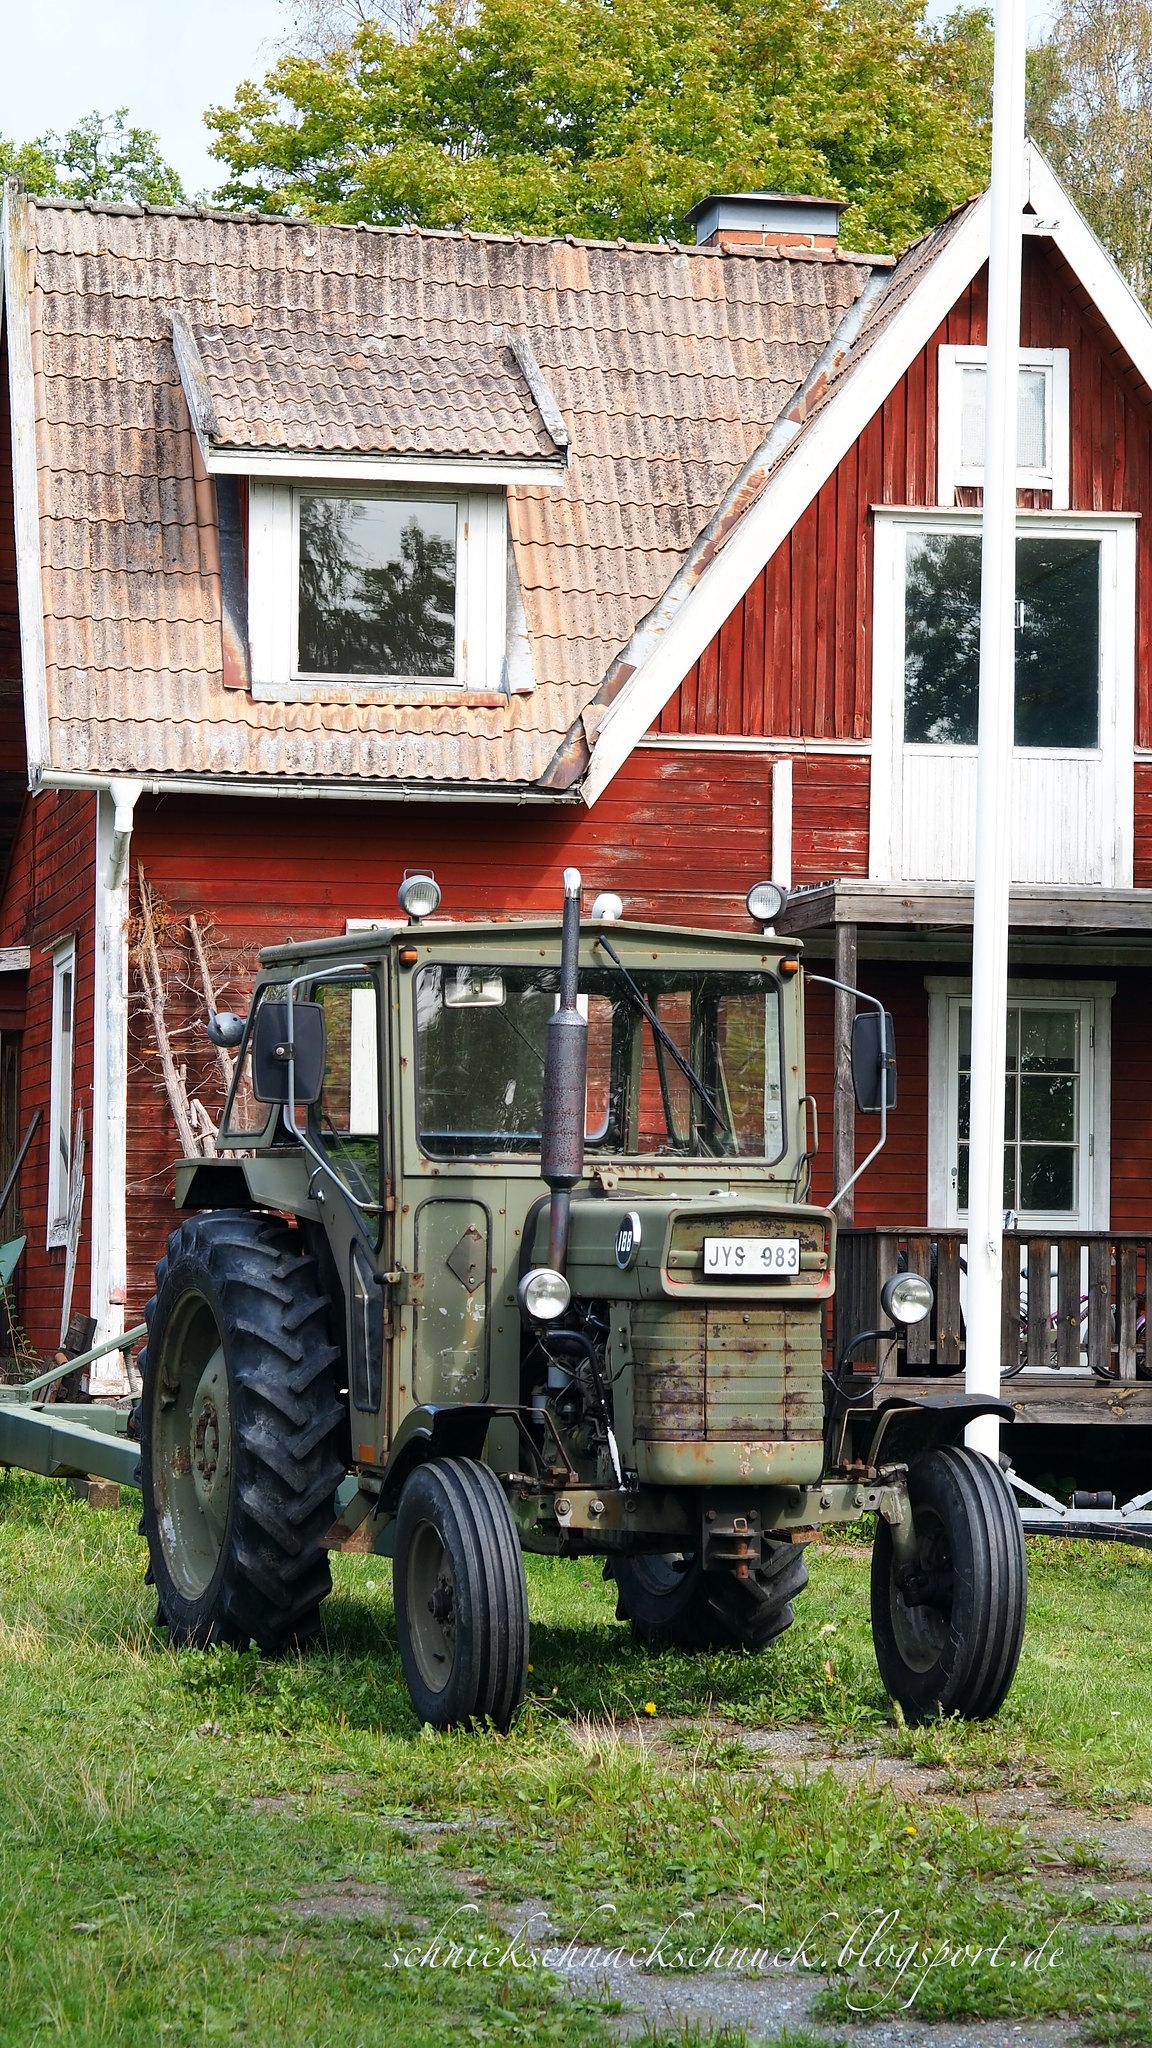 Furusund - auf den Spuren von Astrid Lindgren